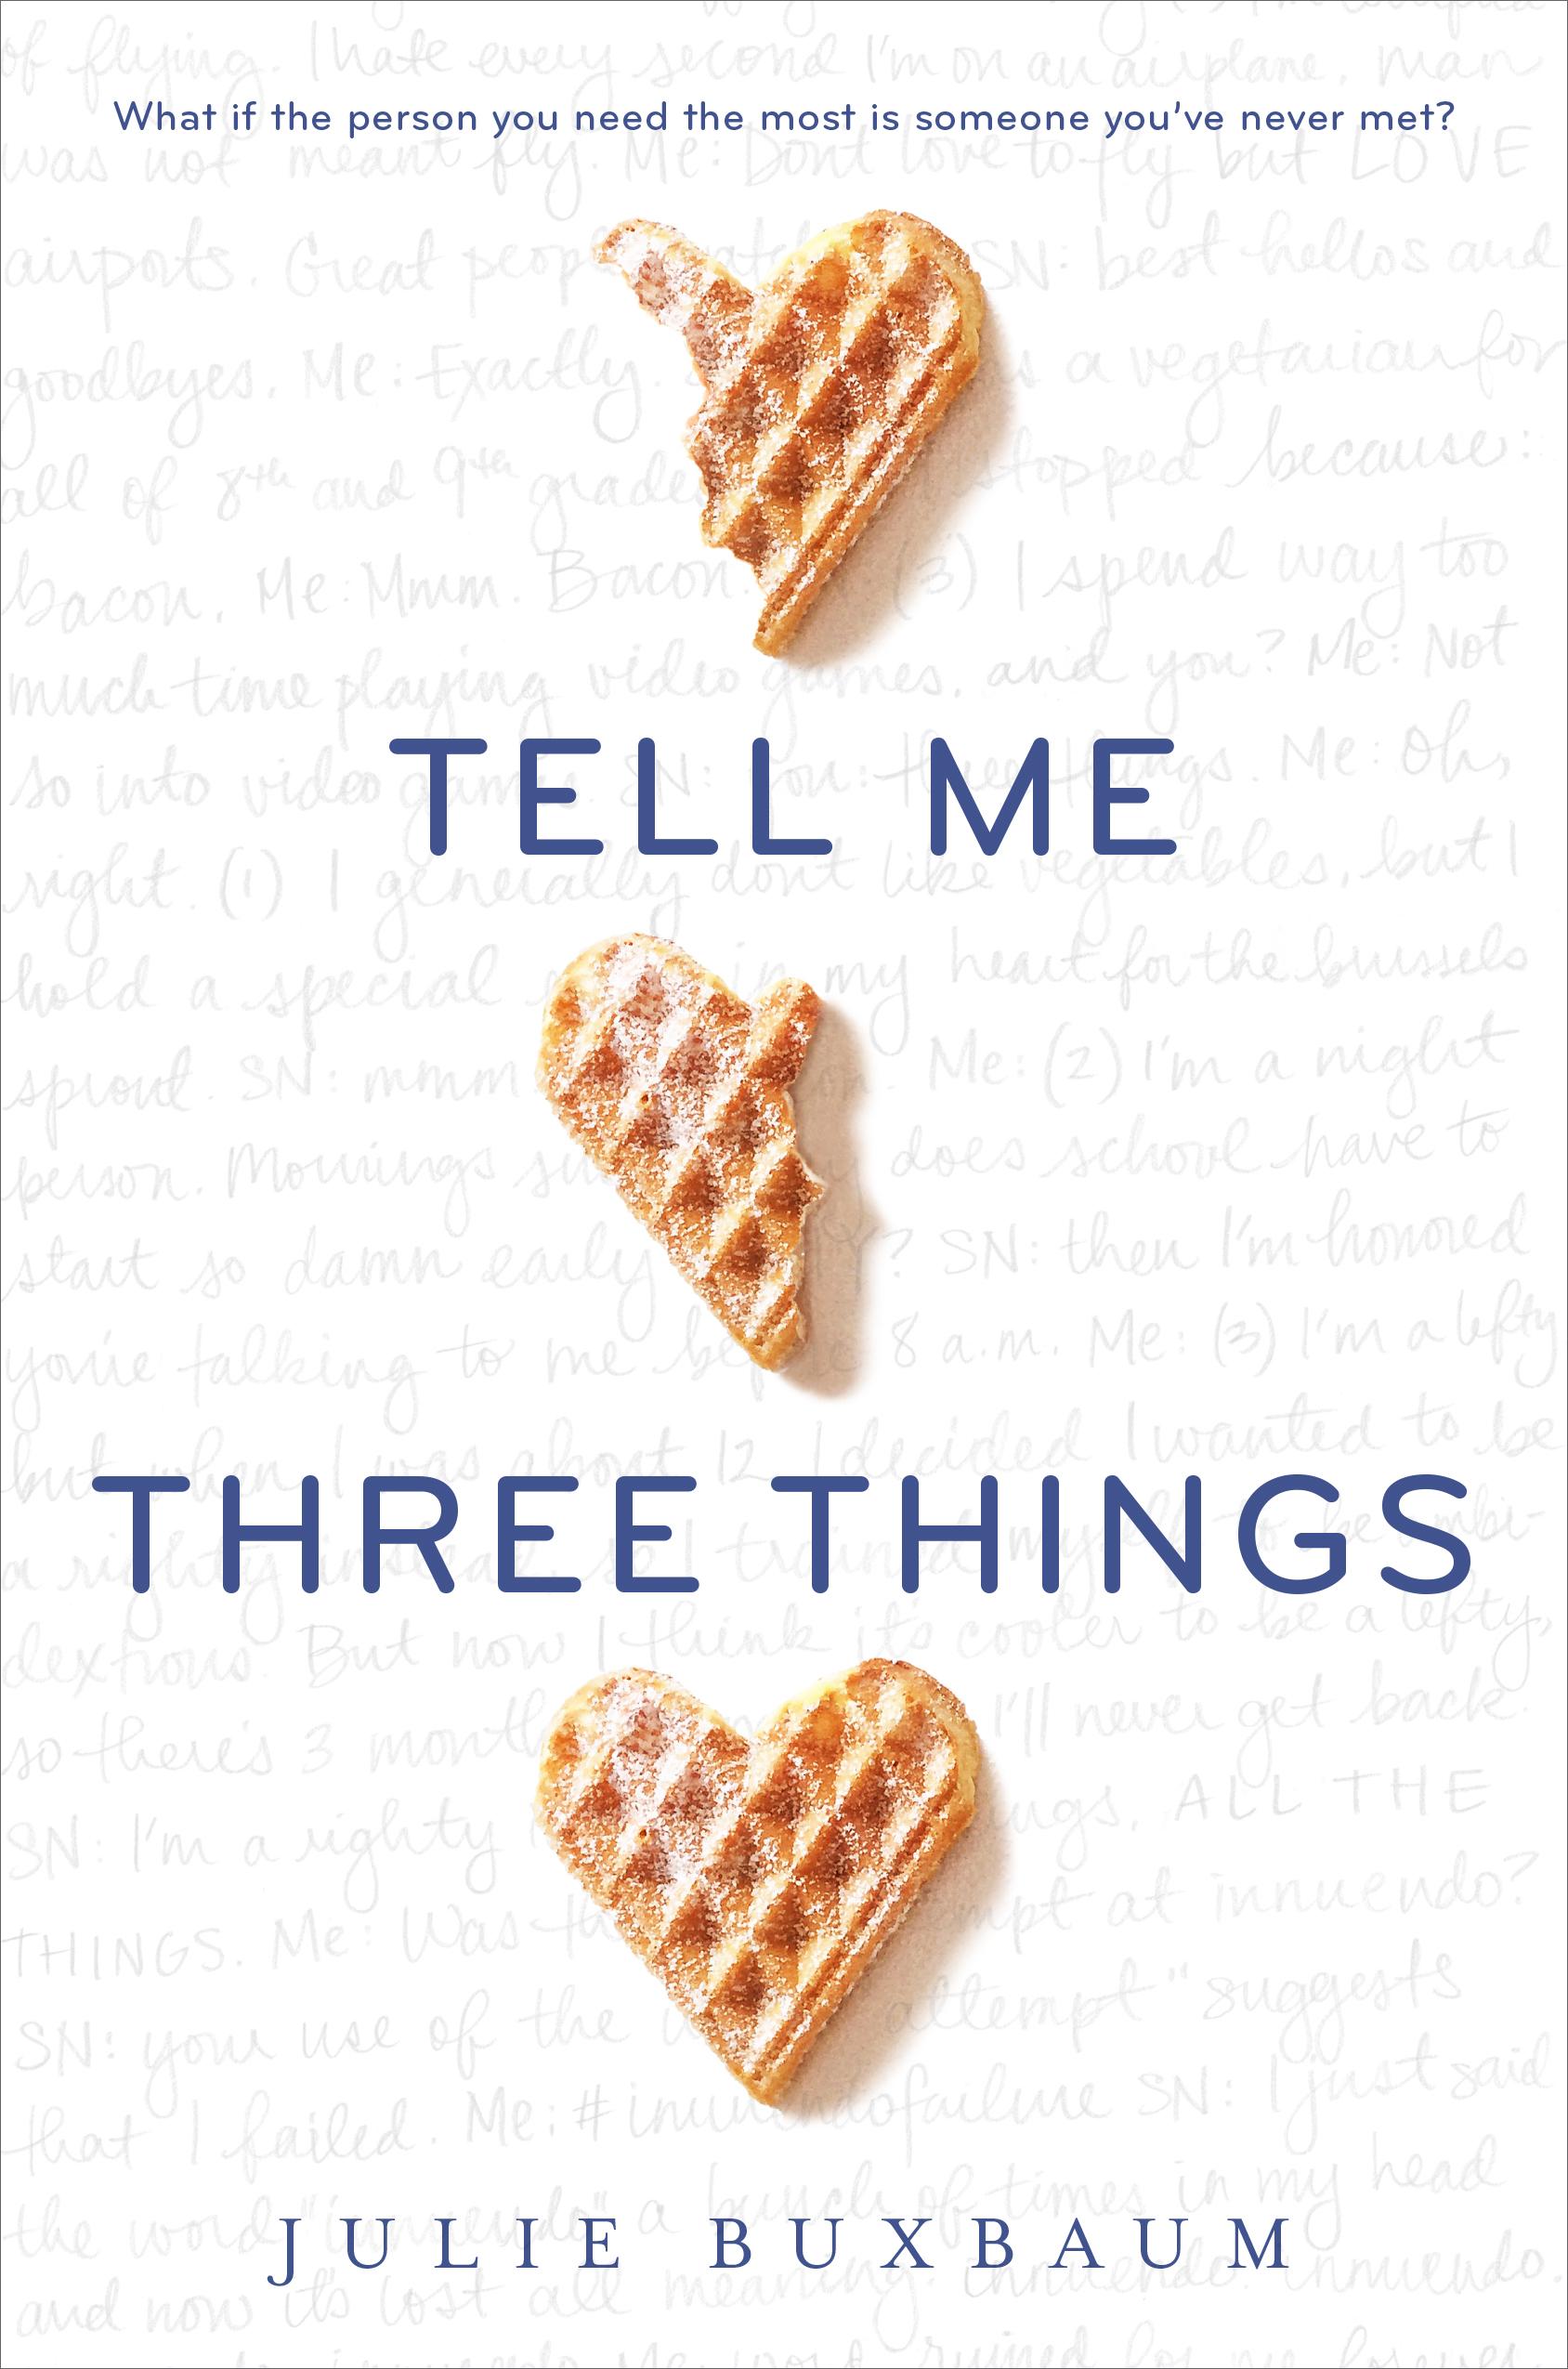 buxbaum-tell-me-three-things.jpg